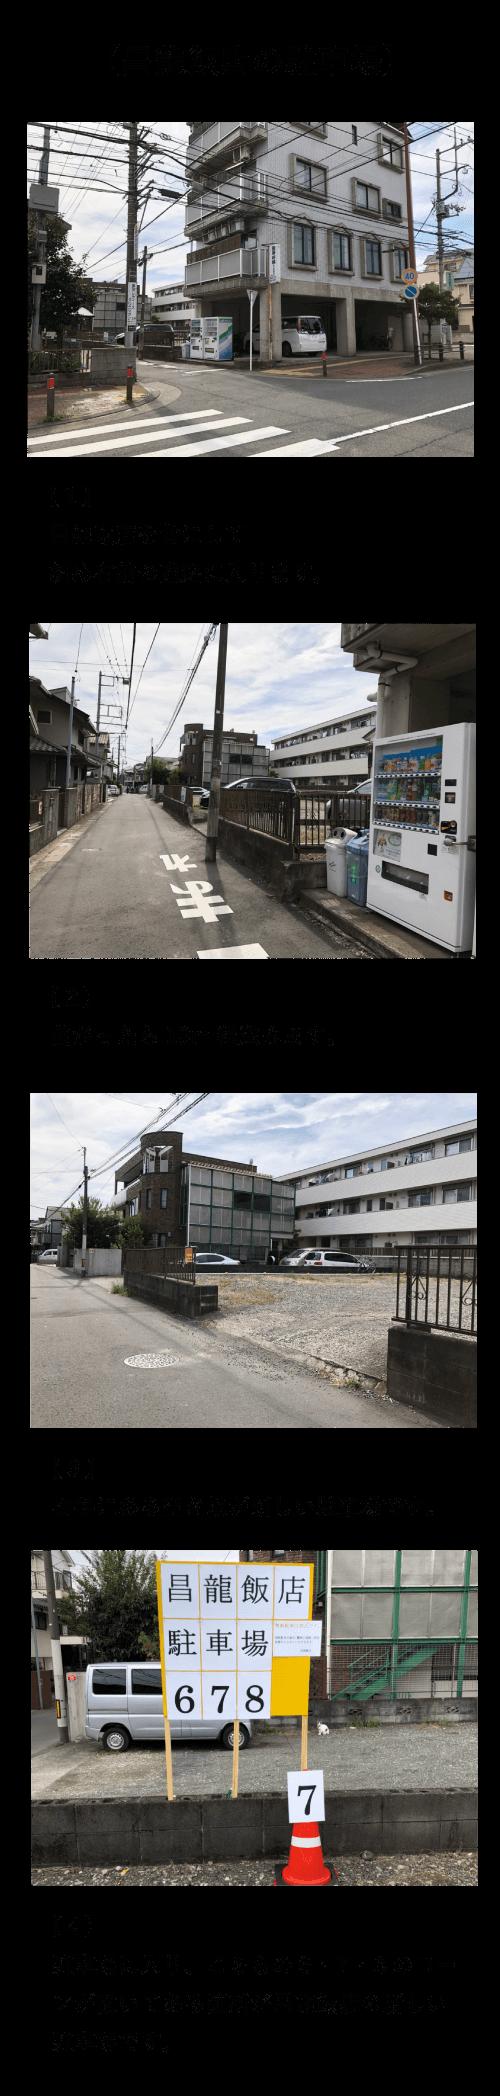 sp_parking